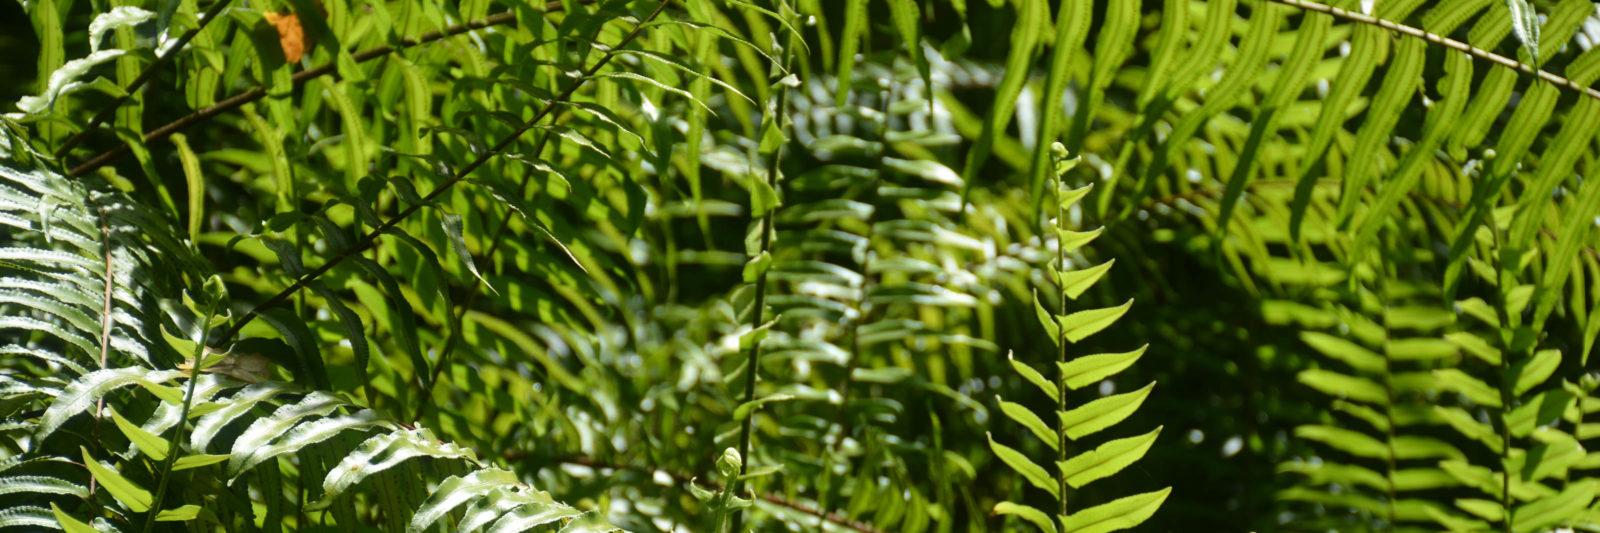 Fakahatchee ferns